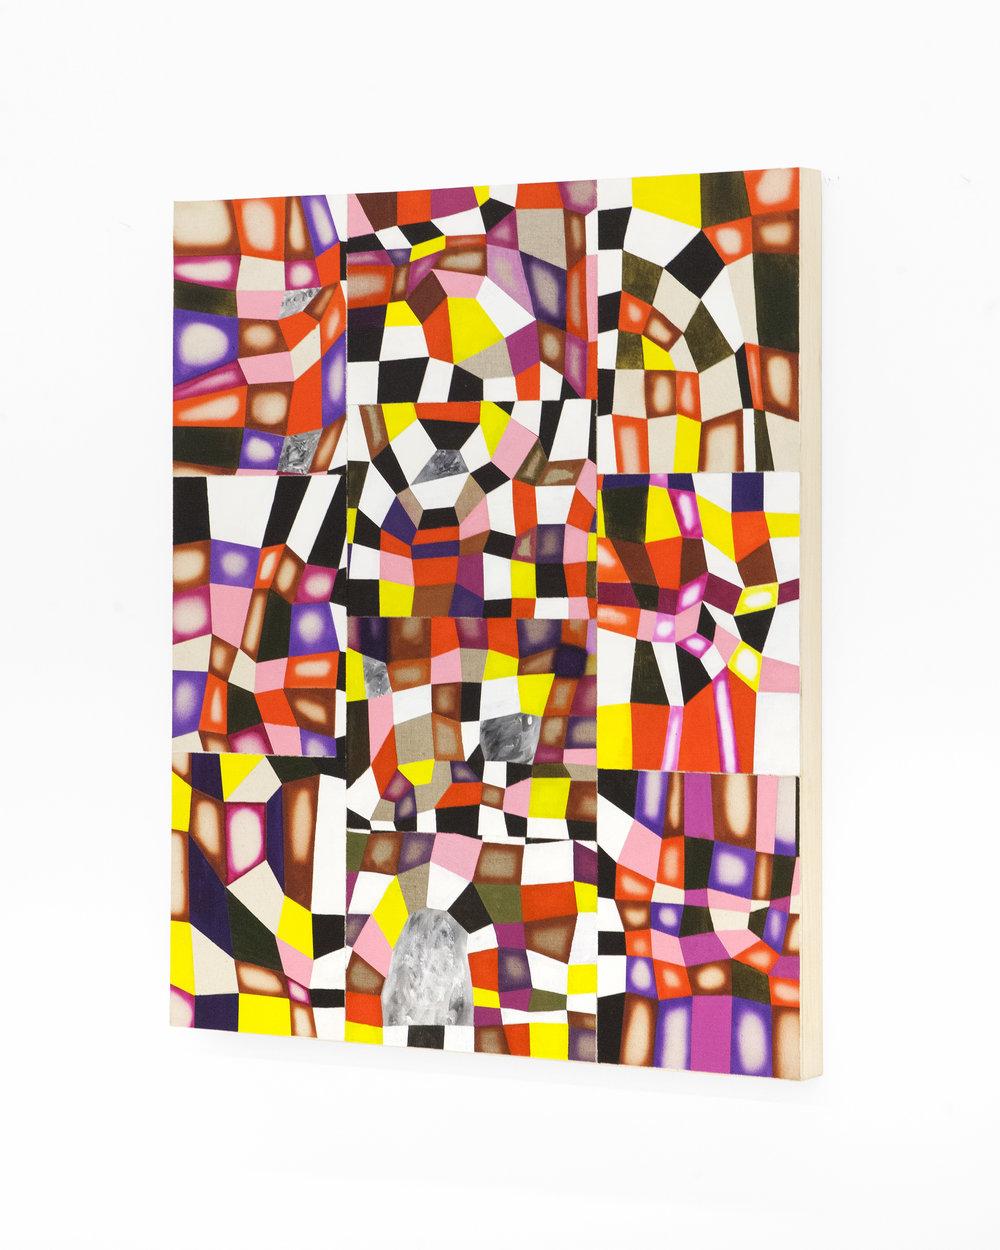 brettf_abstract_1__4.jpg